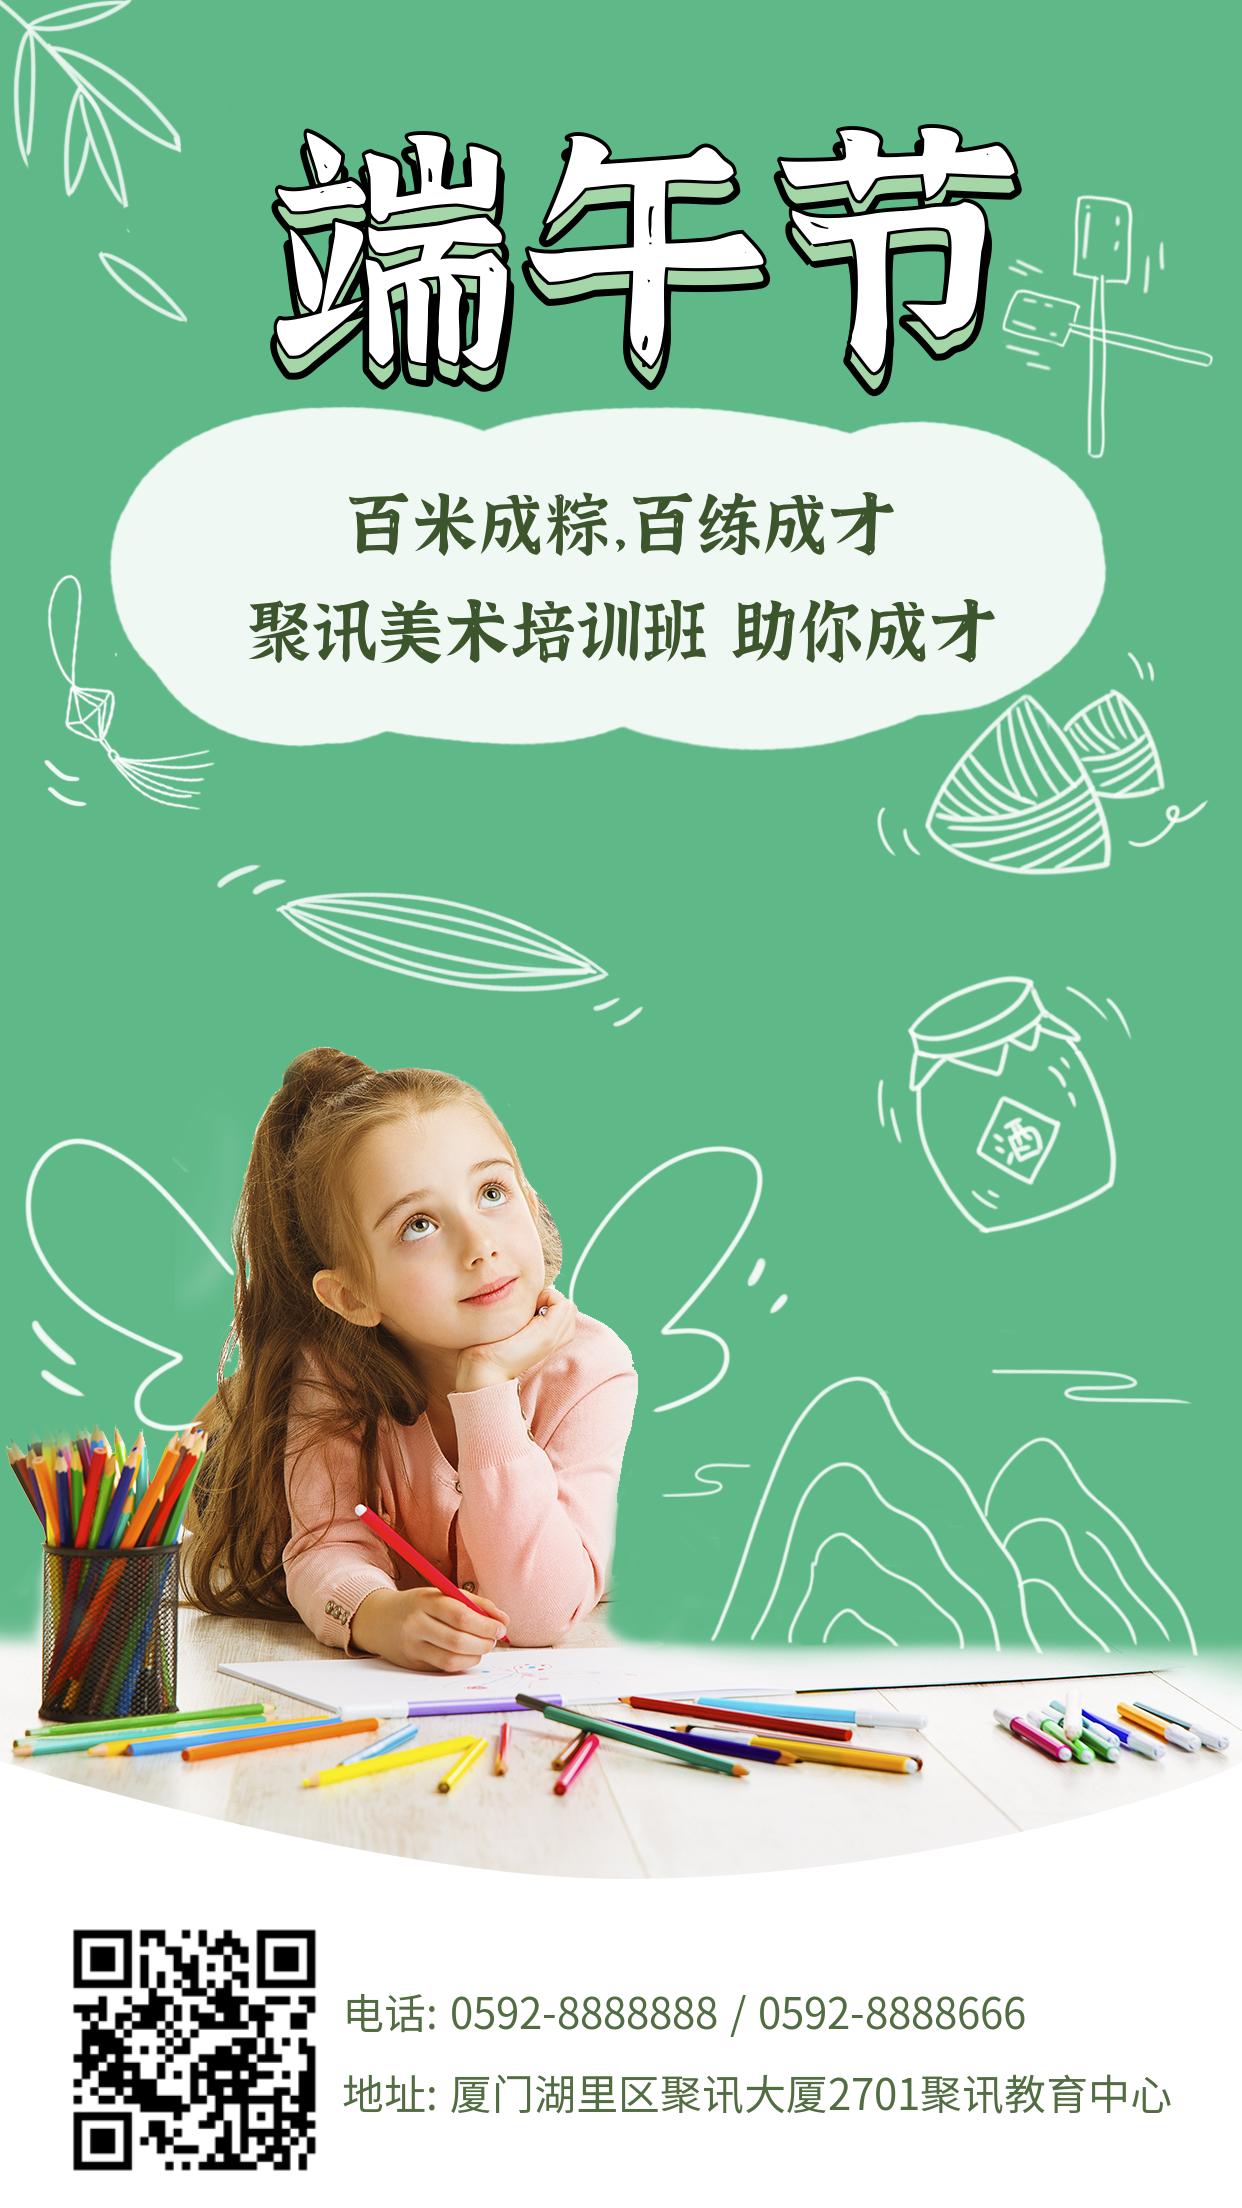 端午节绘画机构祝福手机海报